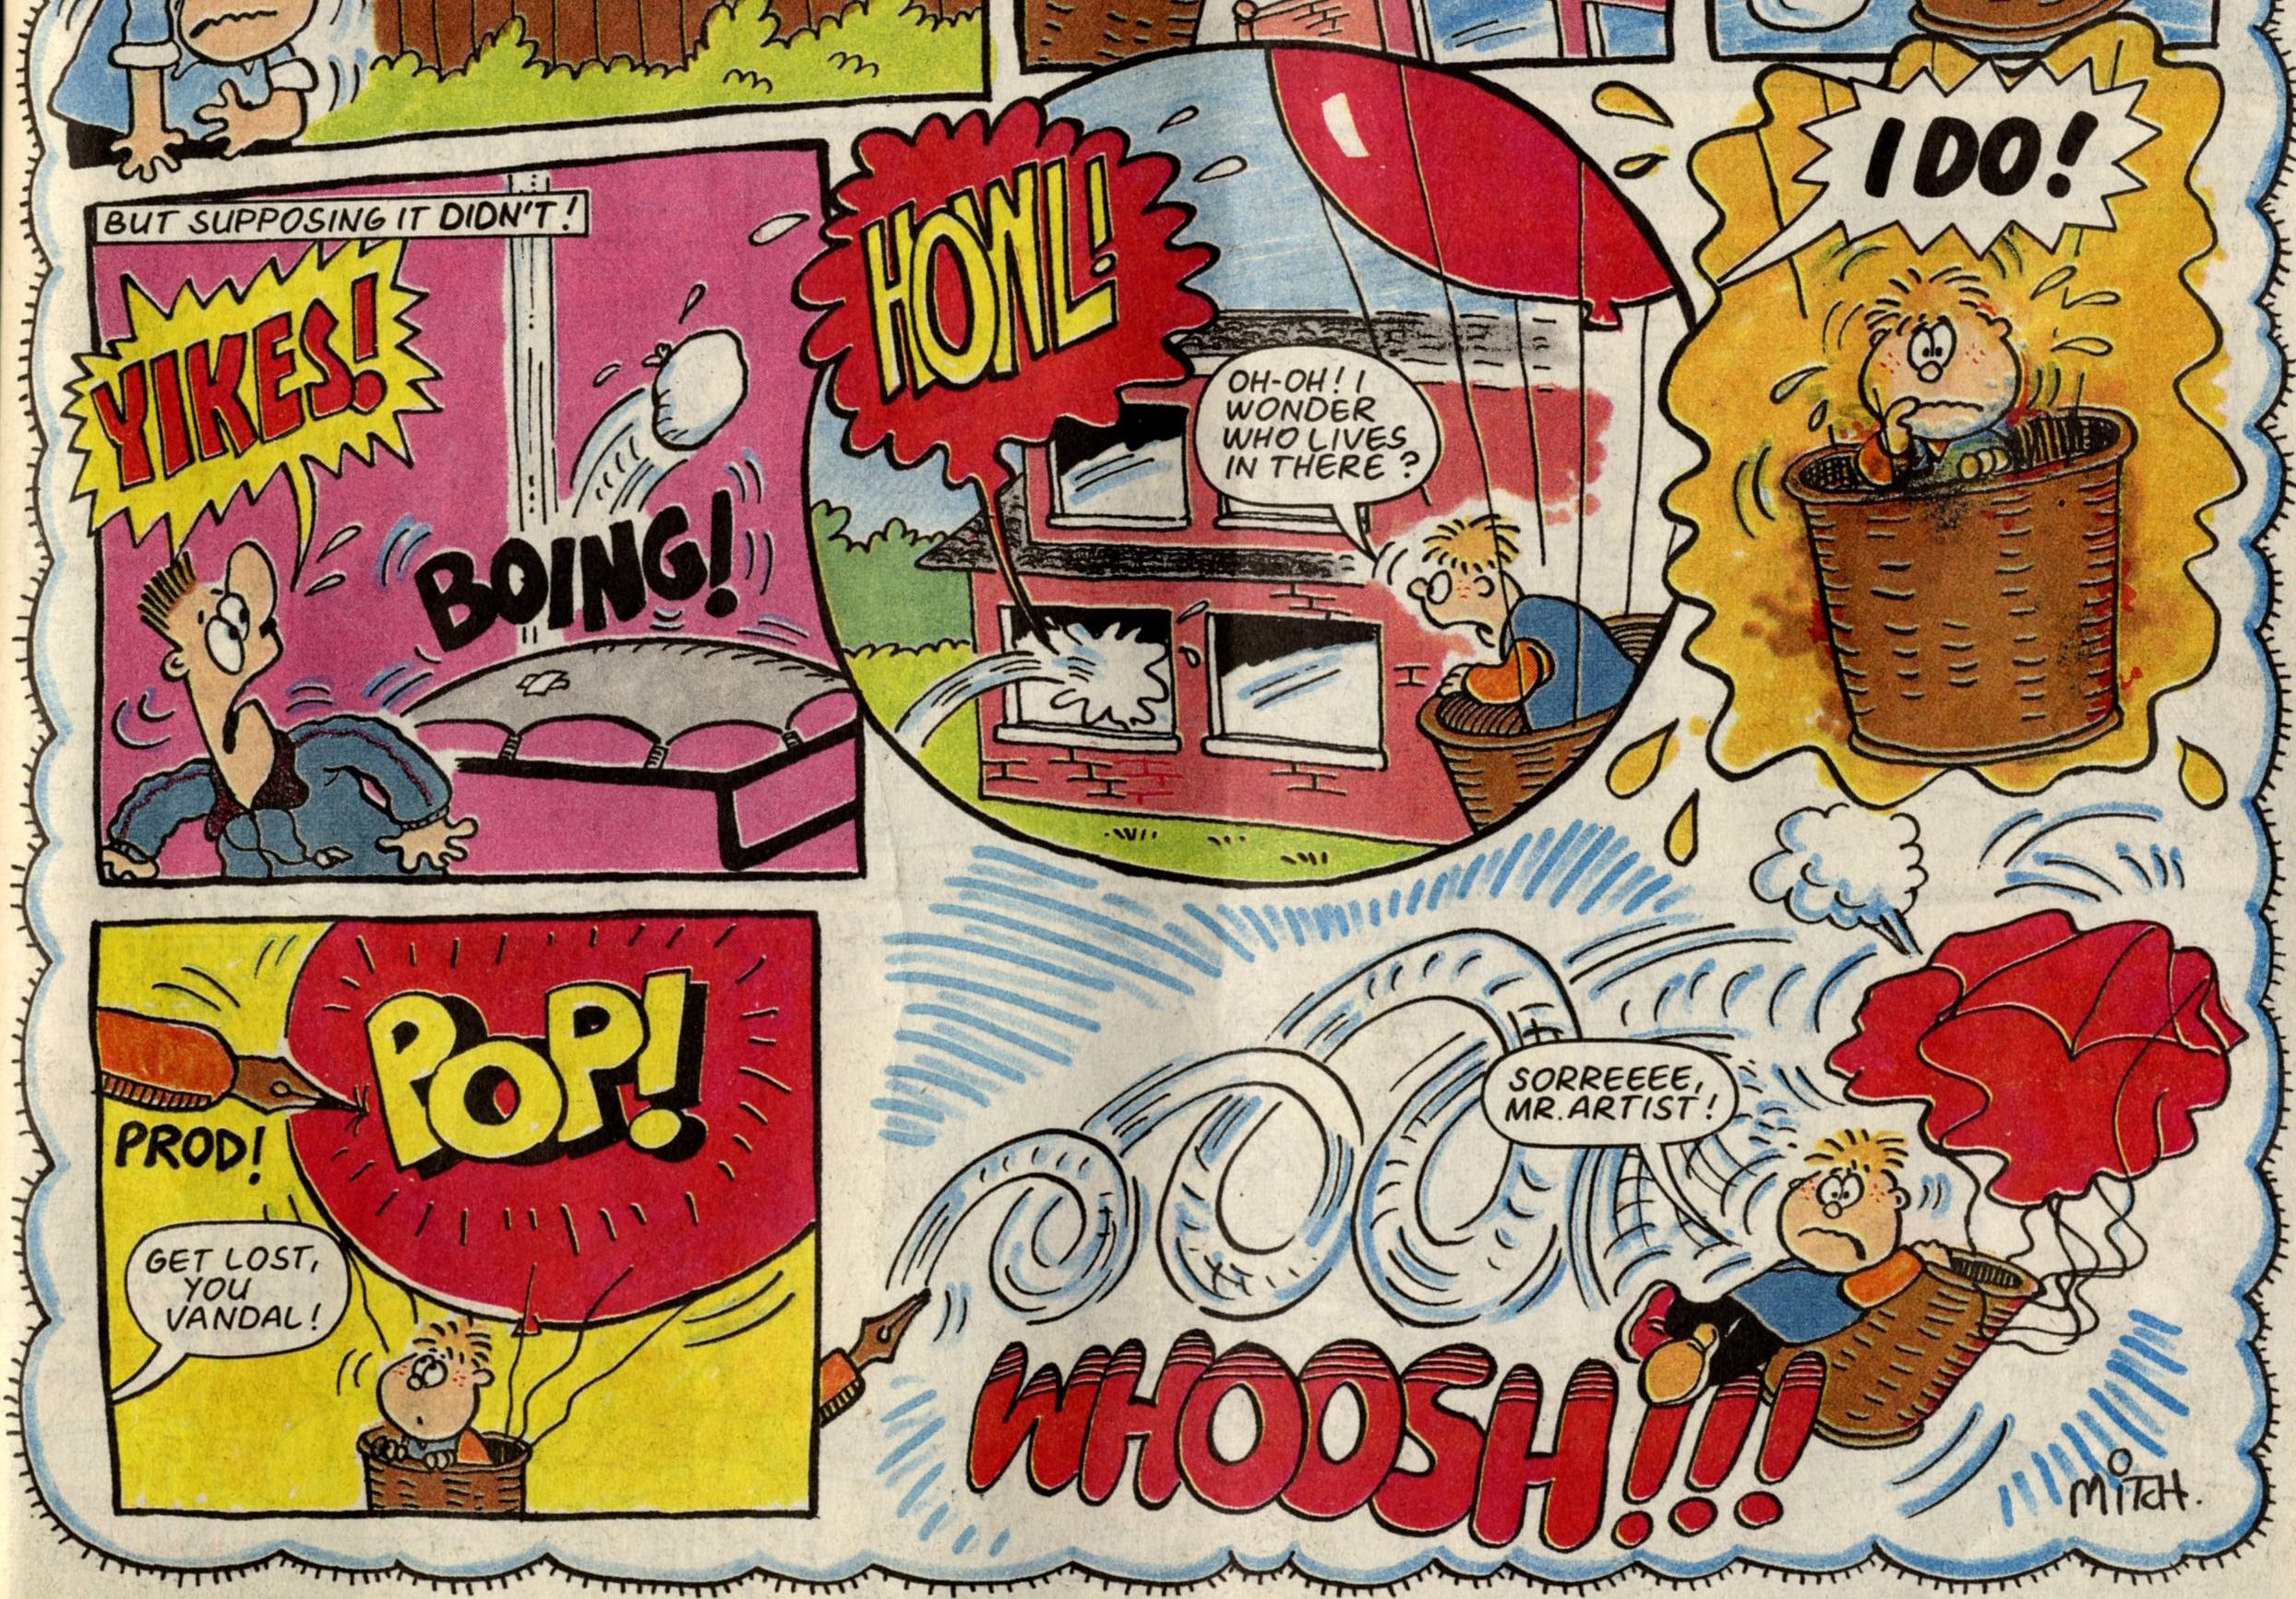 Wonder Boy: Roy Mitchell (artist)